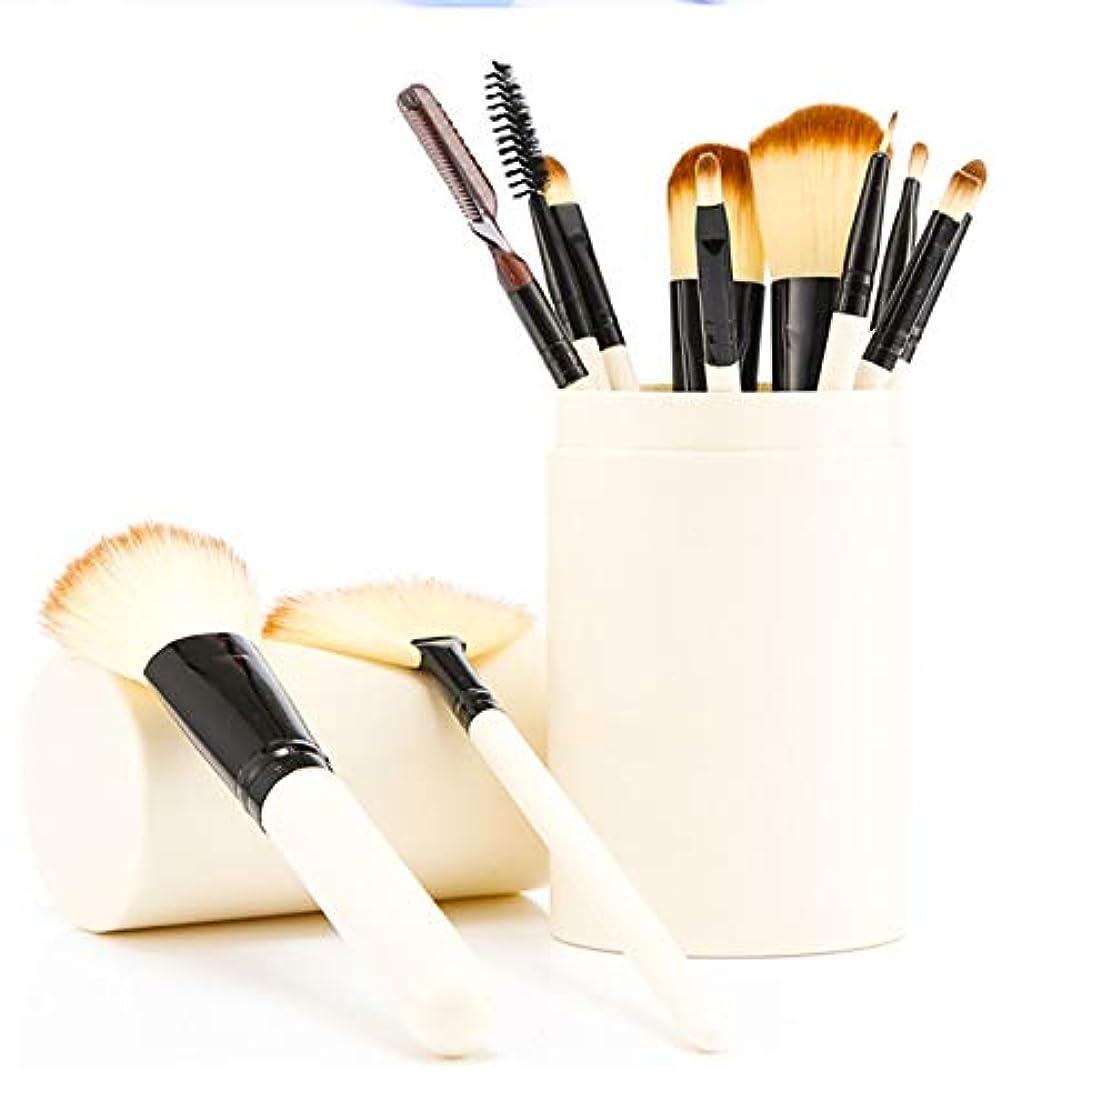 こっそり家主シェードソフトで残酷のない合成繊維剛毛とローズゴールドのディテールが施された化粧ブラシセット12本のプロフェッショナルな化粧ブラシ - エレガントなPUレザーポーチが含まれています (Color : Natural)